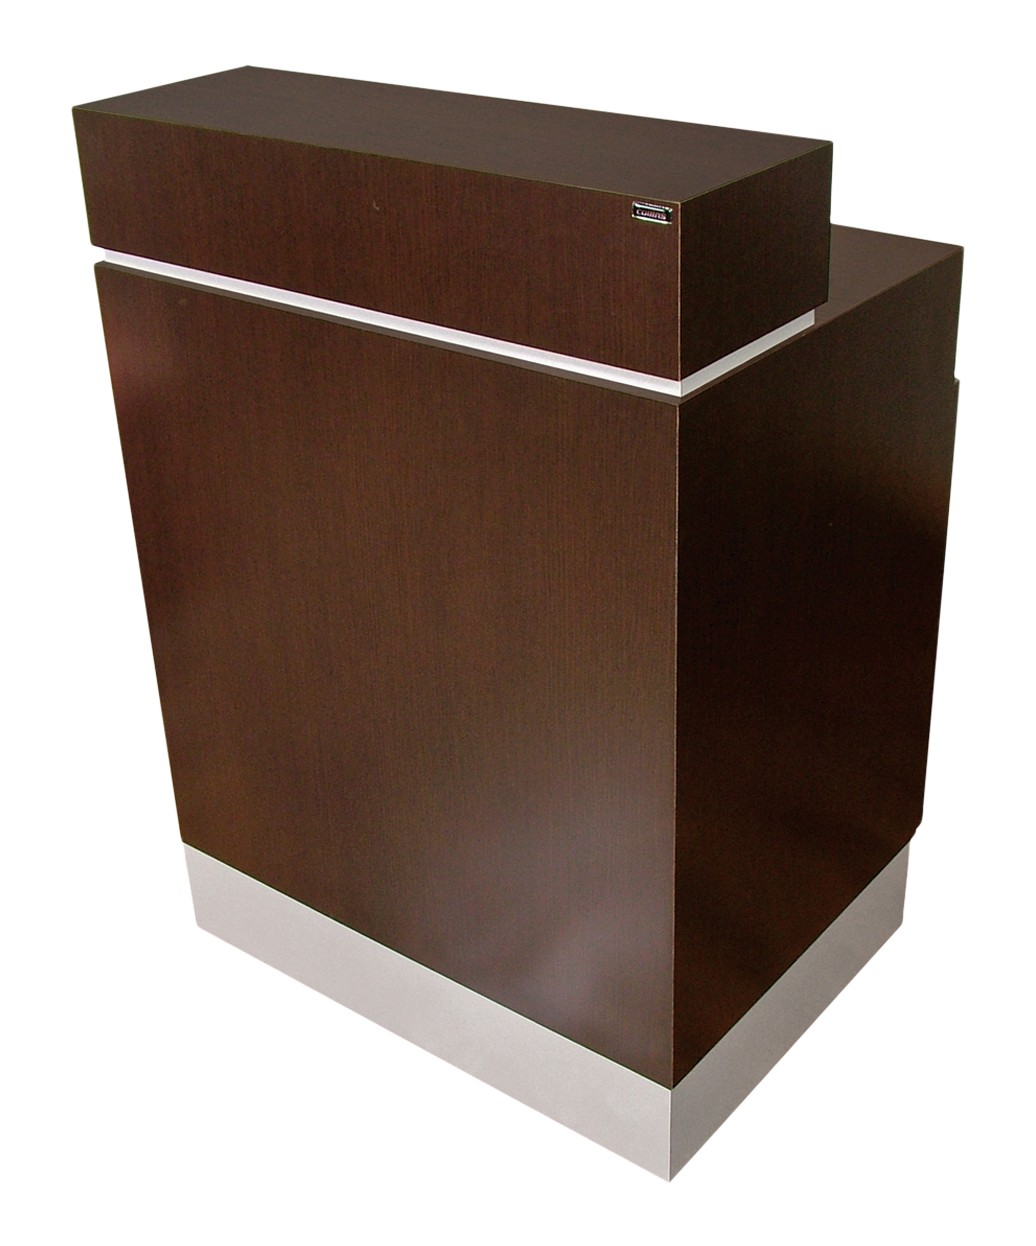 Collins QSE 490-30 Reve Concierge Desk